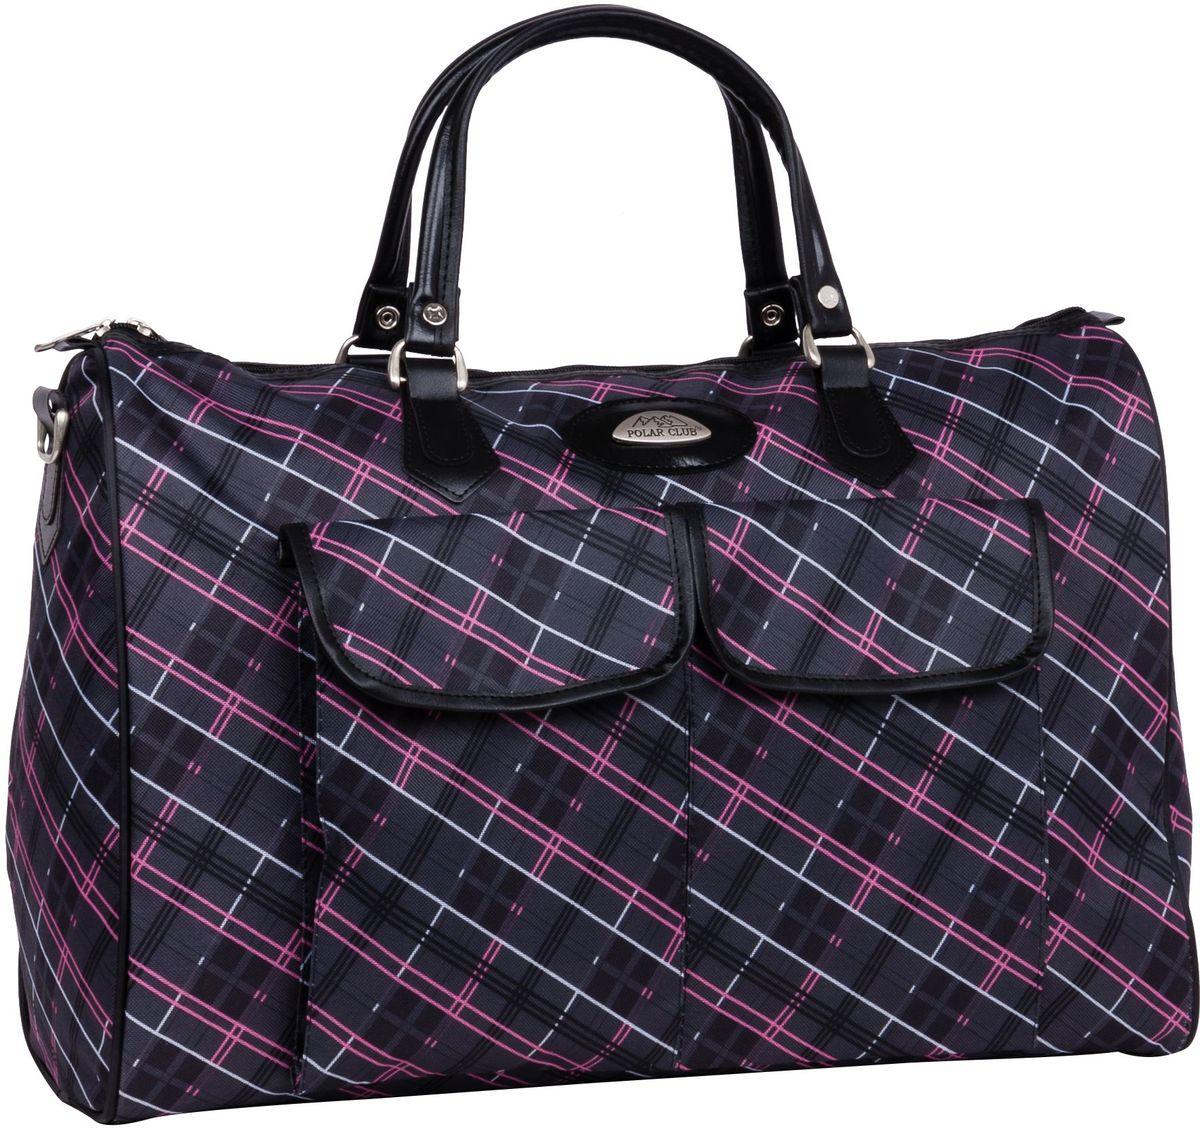 Сумка дорожная Polar Инесса, цвет: темно-серый, розовый, 35 л, 35 х 50 х 20 см. 8095-43848095-4384Вместительная недорогая дорожная сумка из полиэстера с водоотталкивающей пропиткой. Внутри дополнительный карман для документов. Снаружи - два кармана (на внешней и внутренней стороне сумки), для мелких предметов. Ручки выполнены из высокопрочного кожзаменителя. В комплект входит съемный плечевой ремень.